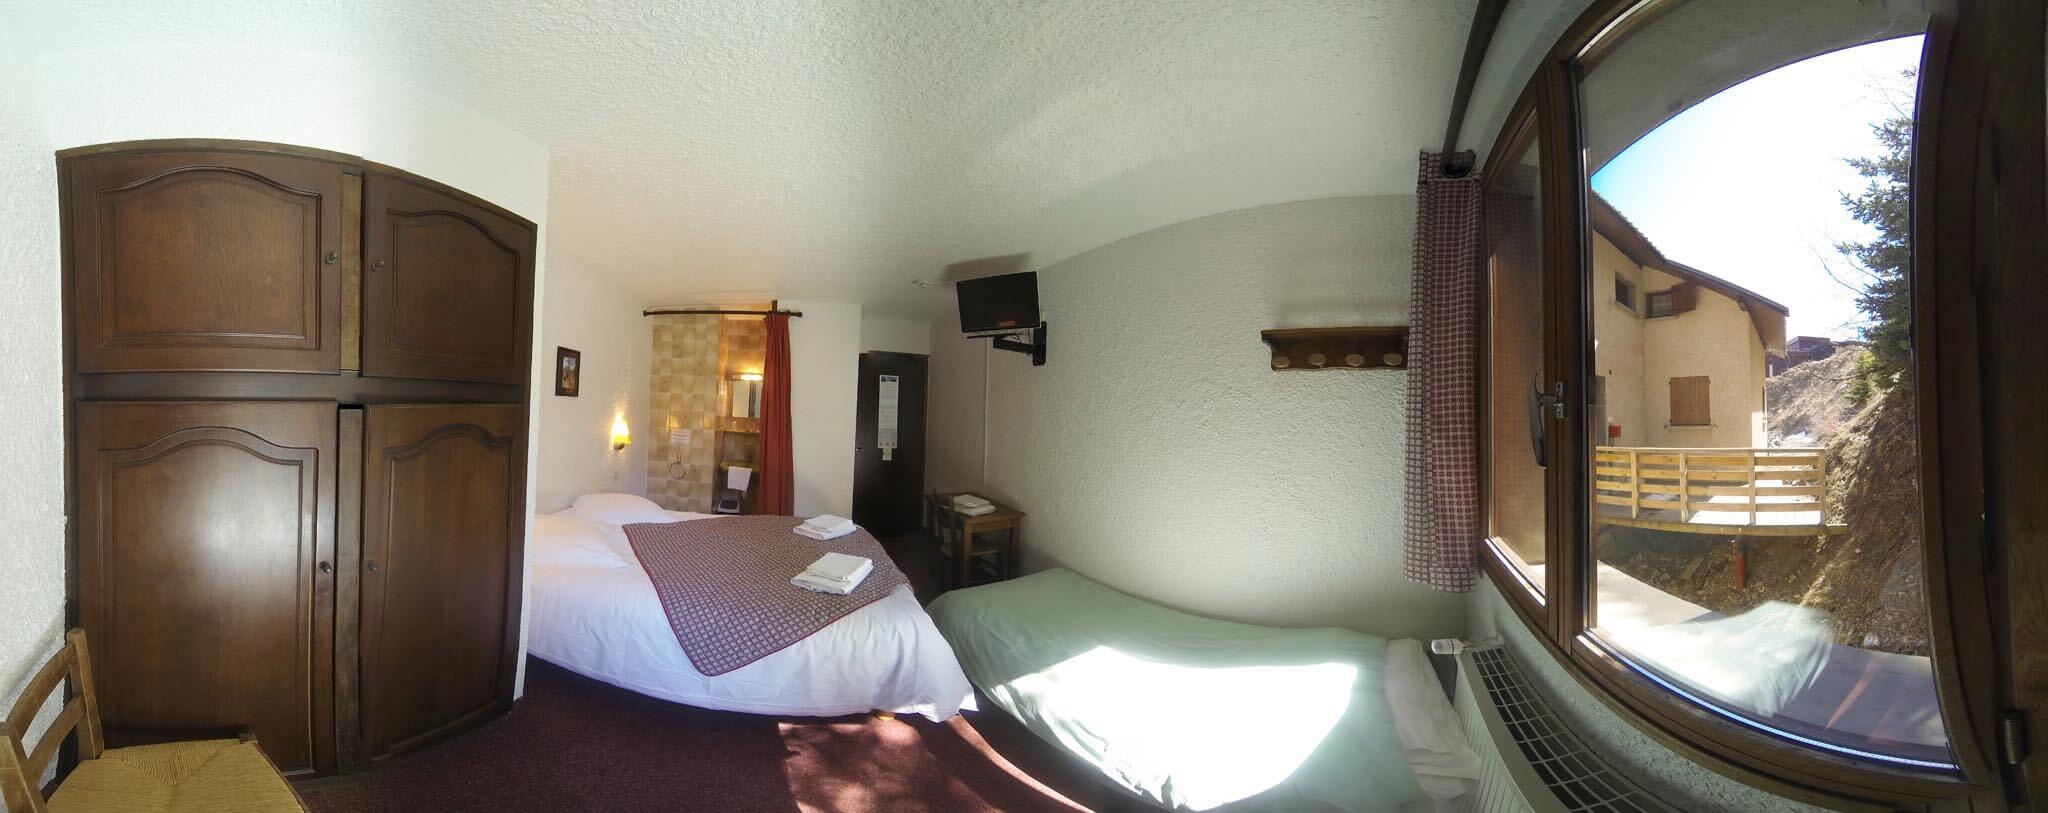 Chambre n 5 lit double et lit d 39 appoint douche dans la for Chambre 13 dans les hotels